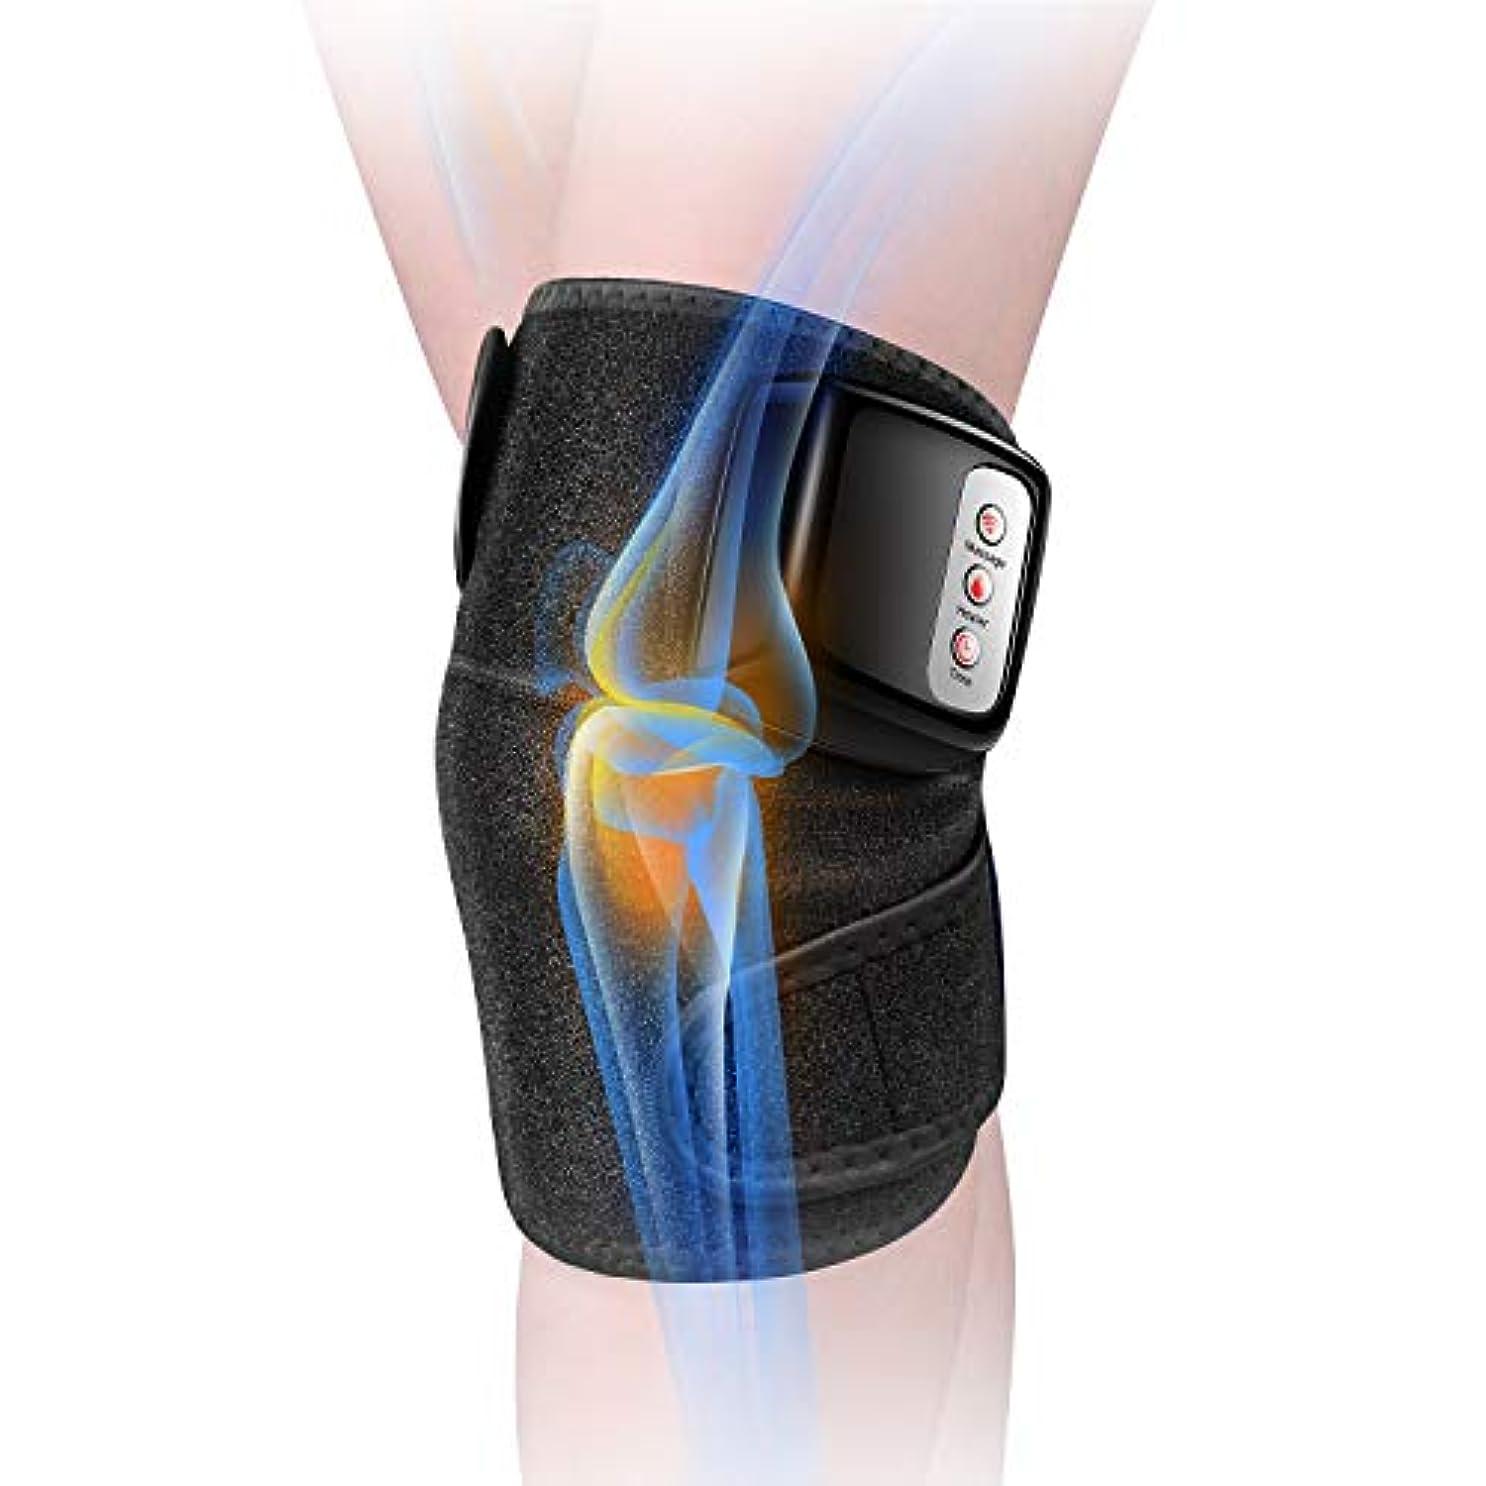 飢饉文悪魔膝マッサージャー 関節マッサージャー マッサージ器 フットマッサージャー 振動 赤外線療法 温熱療法 膝サポーター ストレス解消 肩 太もも/腕対応